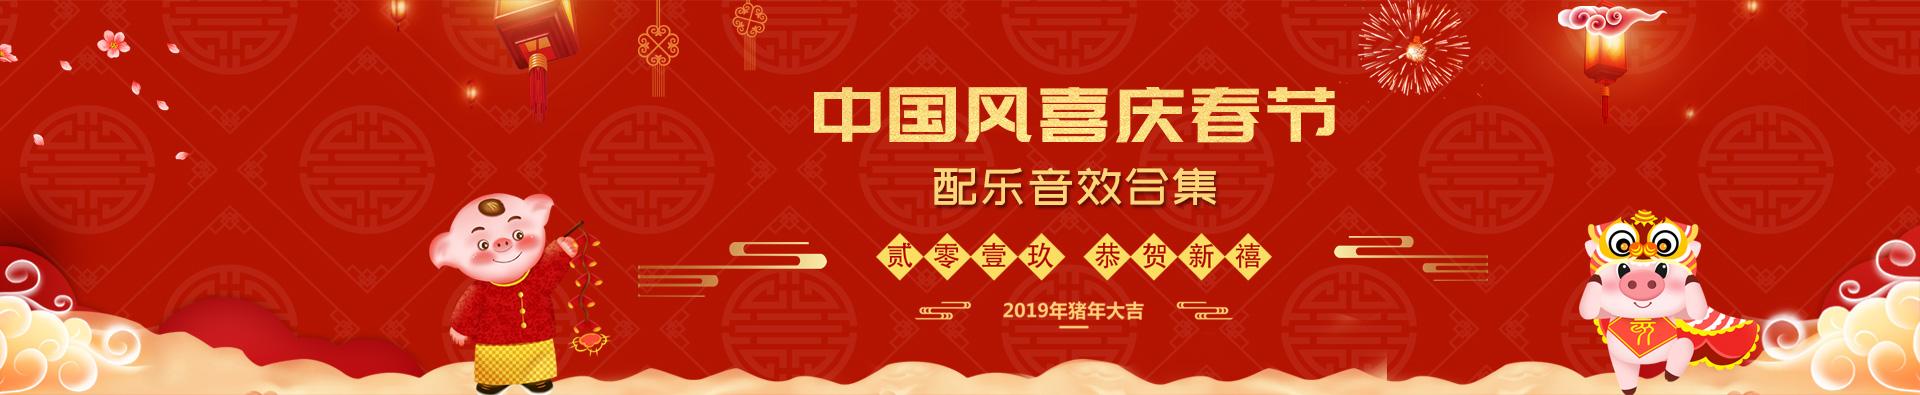 春节音乐合集